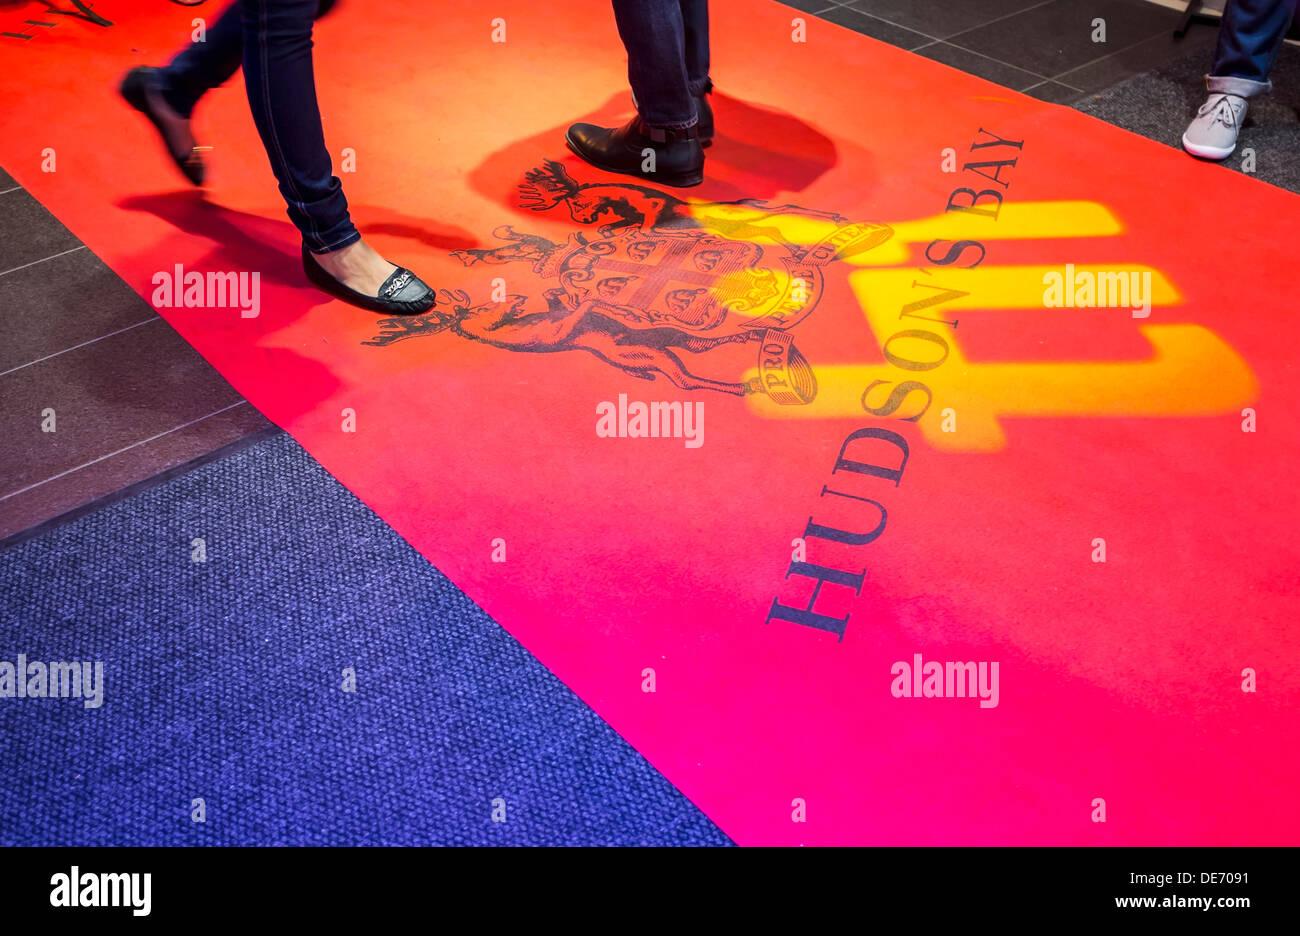 TIFF-Logo ist auf dem roten Teppich bei der TIFF Bell Lightbox während 2013 Toronto International Film Festival projiziert. Stockbild